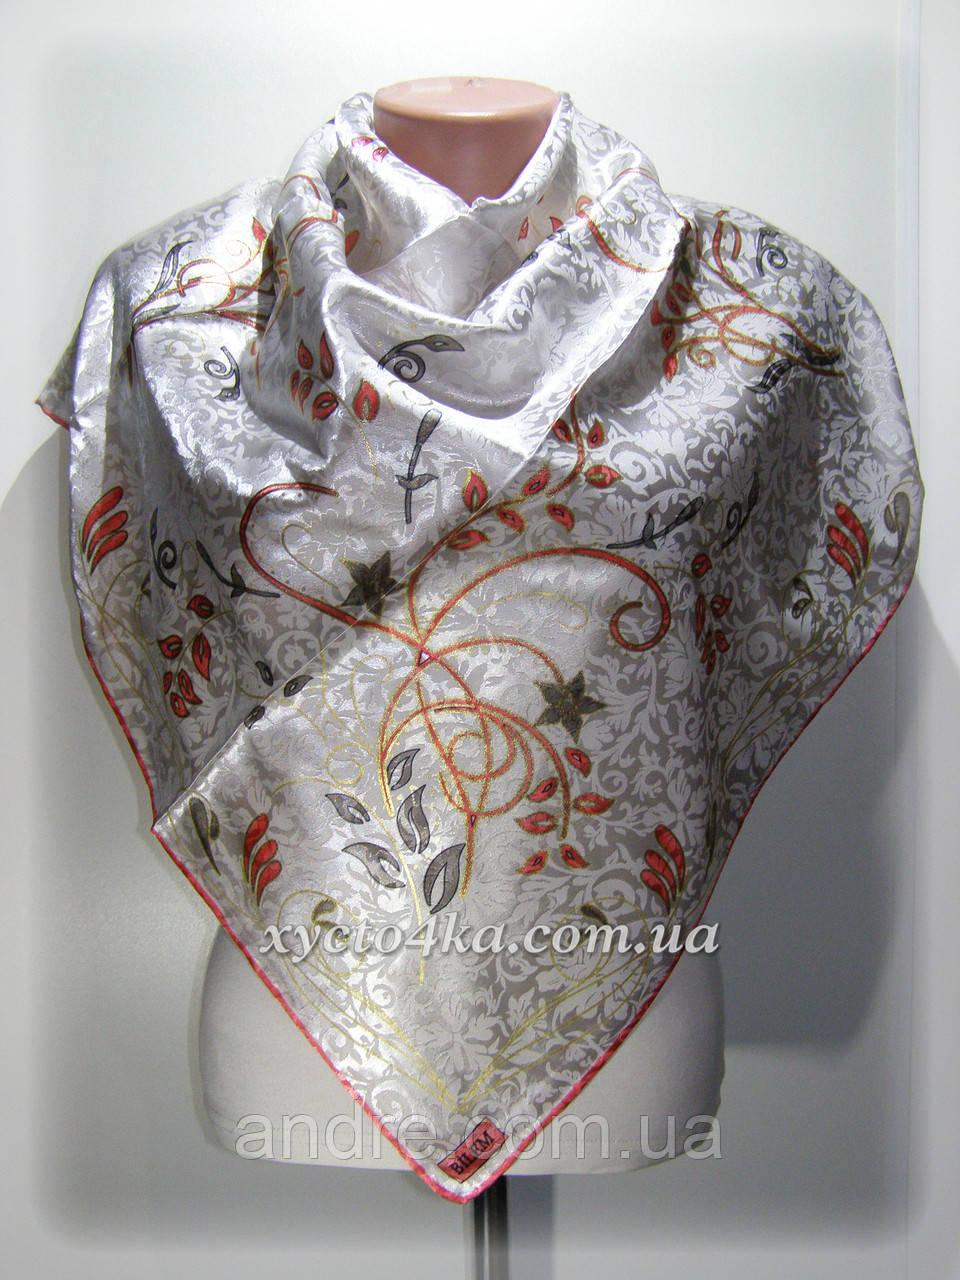 Атласный платок Гюльсой, белый с красным